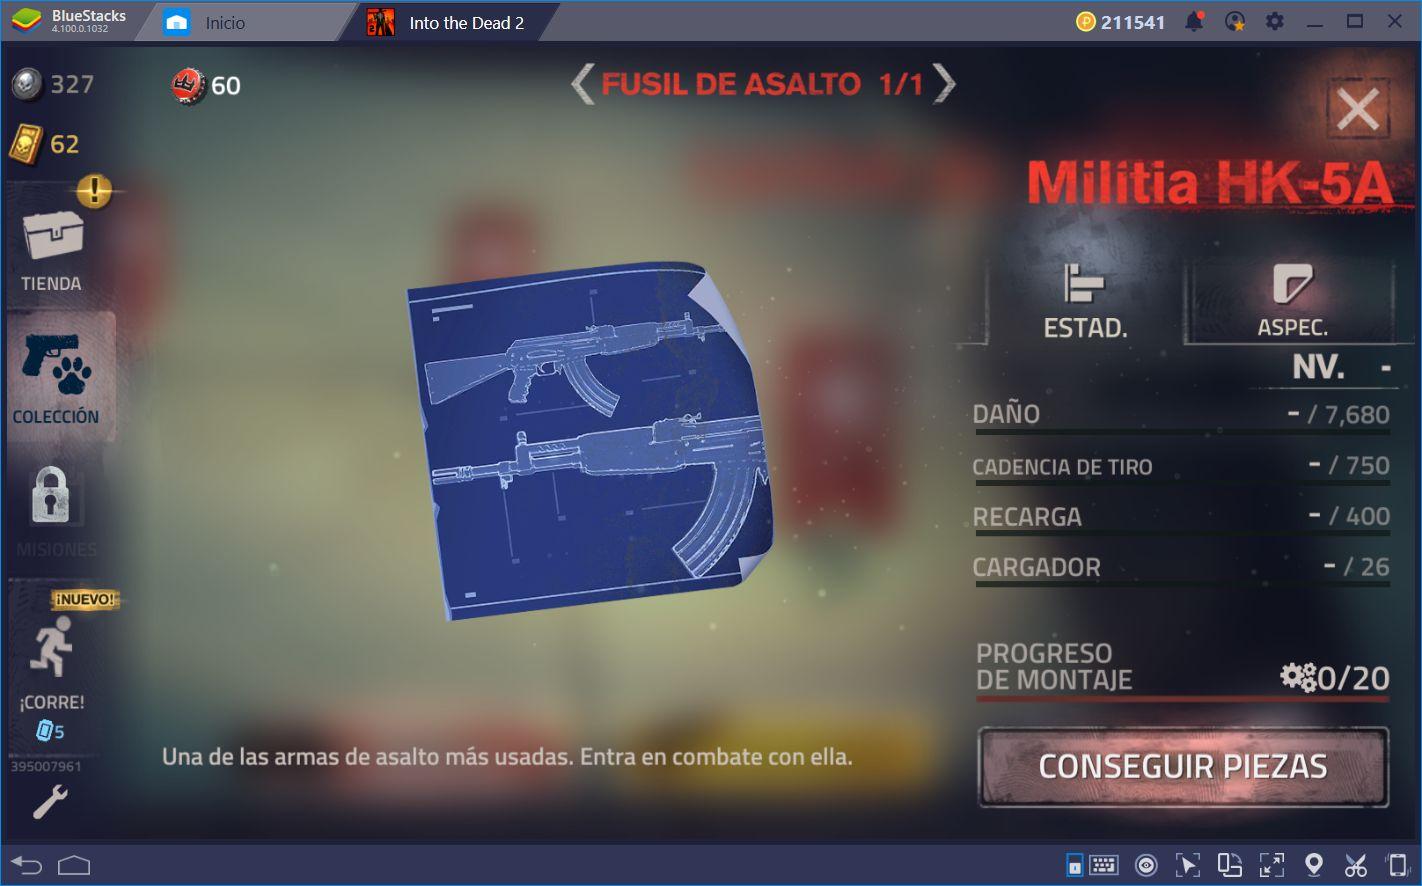 Cómo Desbloquear, Mejorar, y Optimizar tus Armas en Into the Dead 2